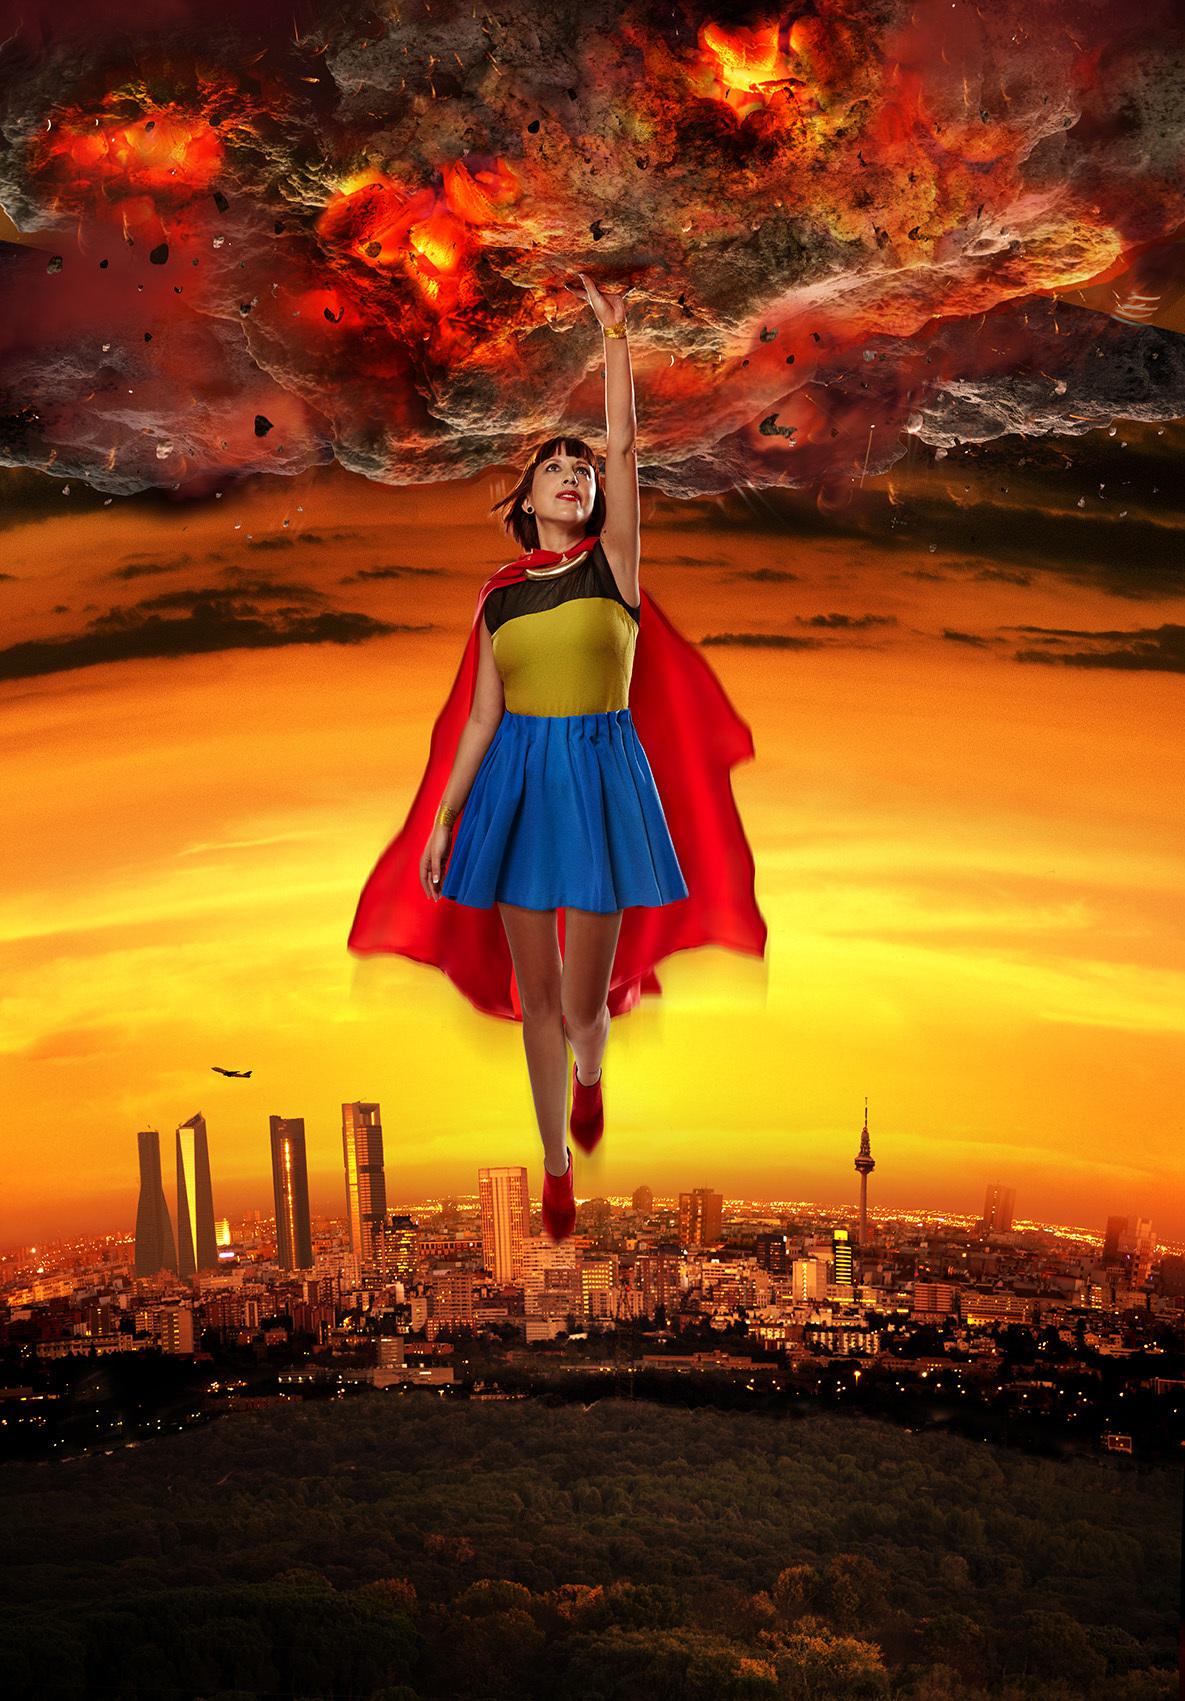 Superwoman De Buckler 0 0 8 8